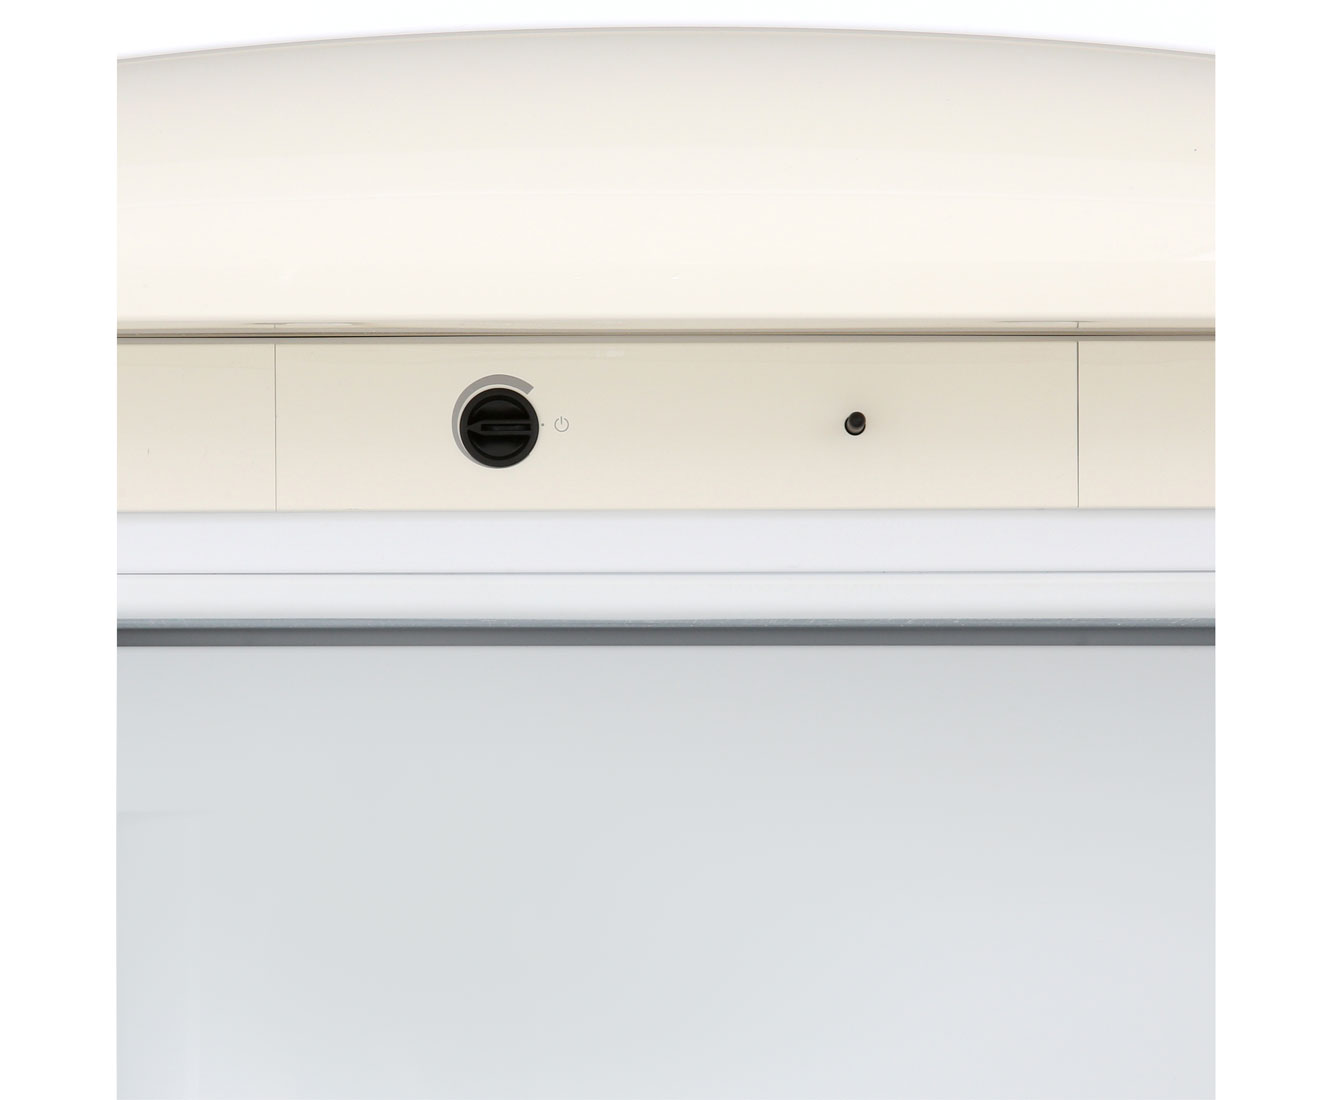 Gorenje Kühlschrank Schublade : Gorenje obrb r kühlschrank mit gefrierfach rot edelstahl